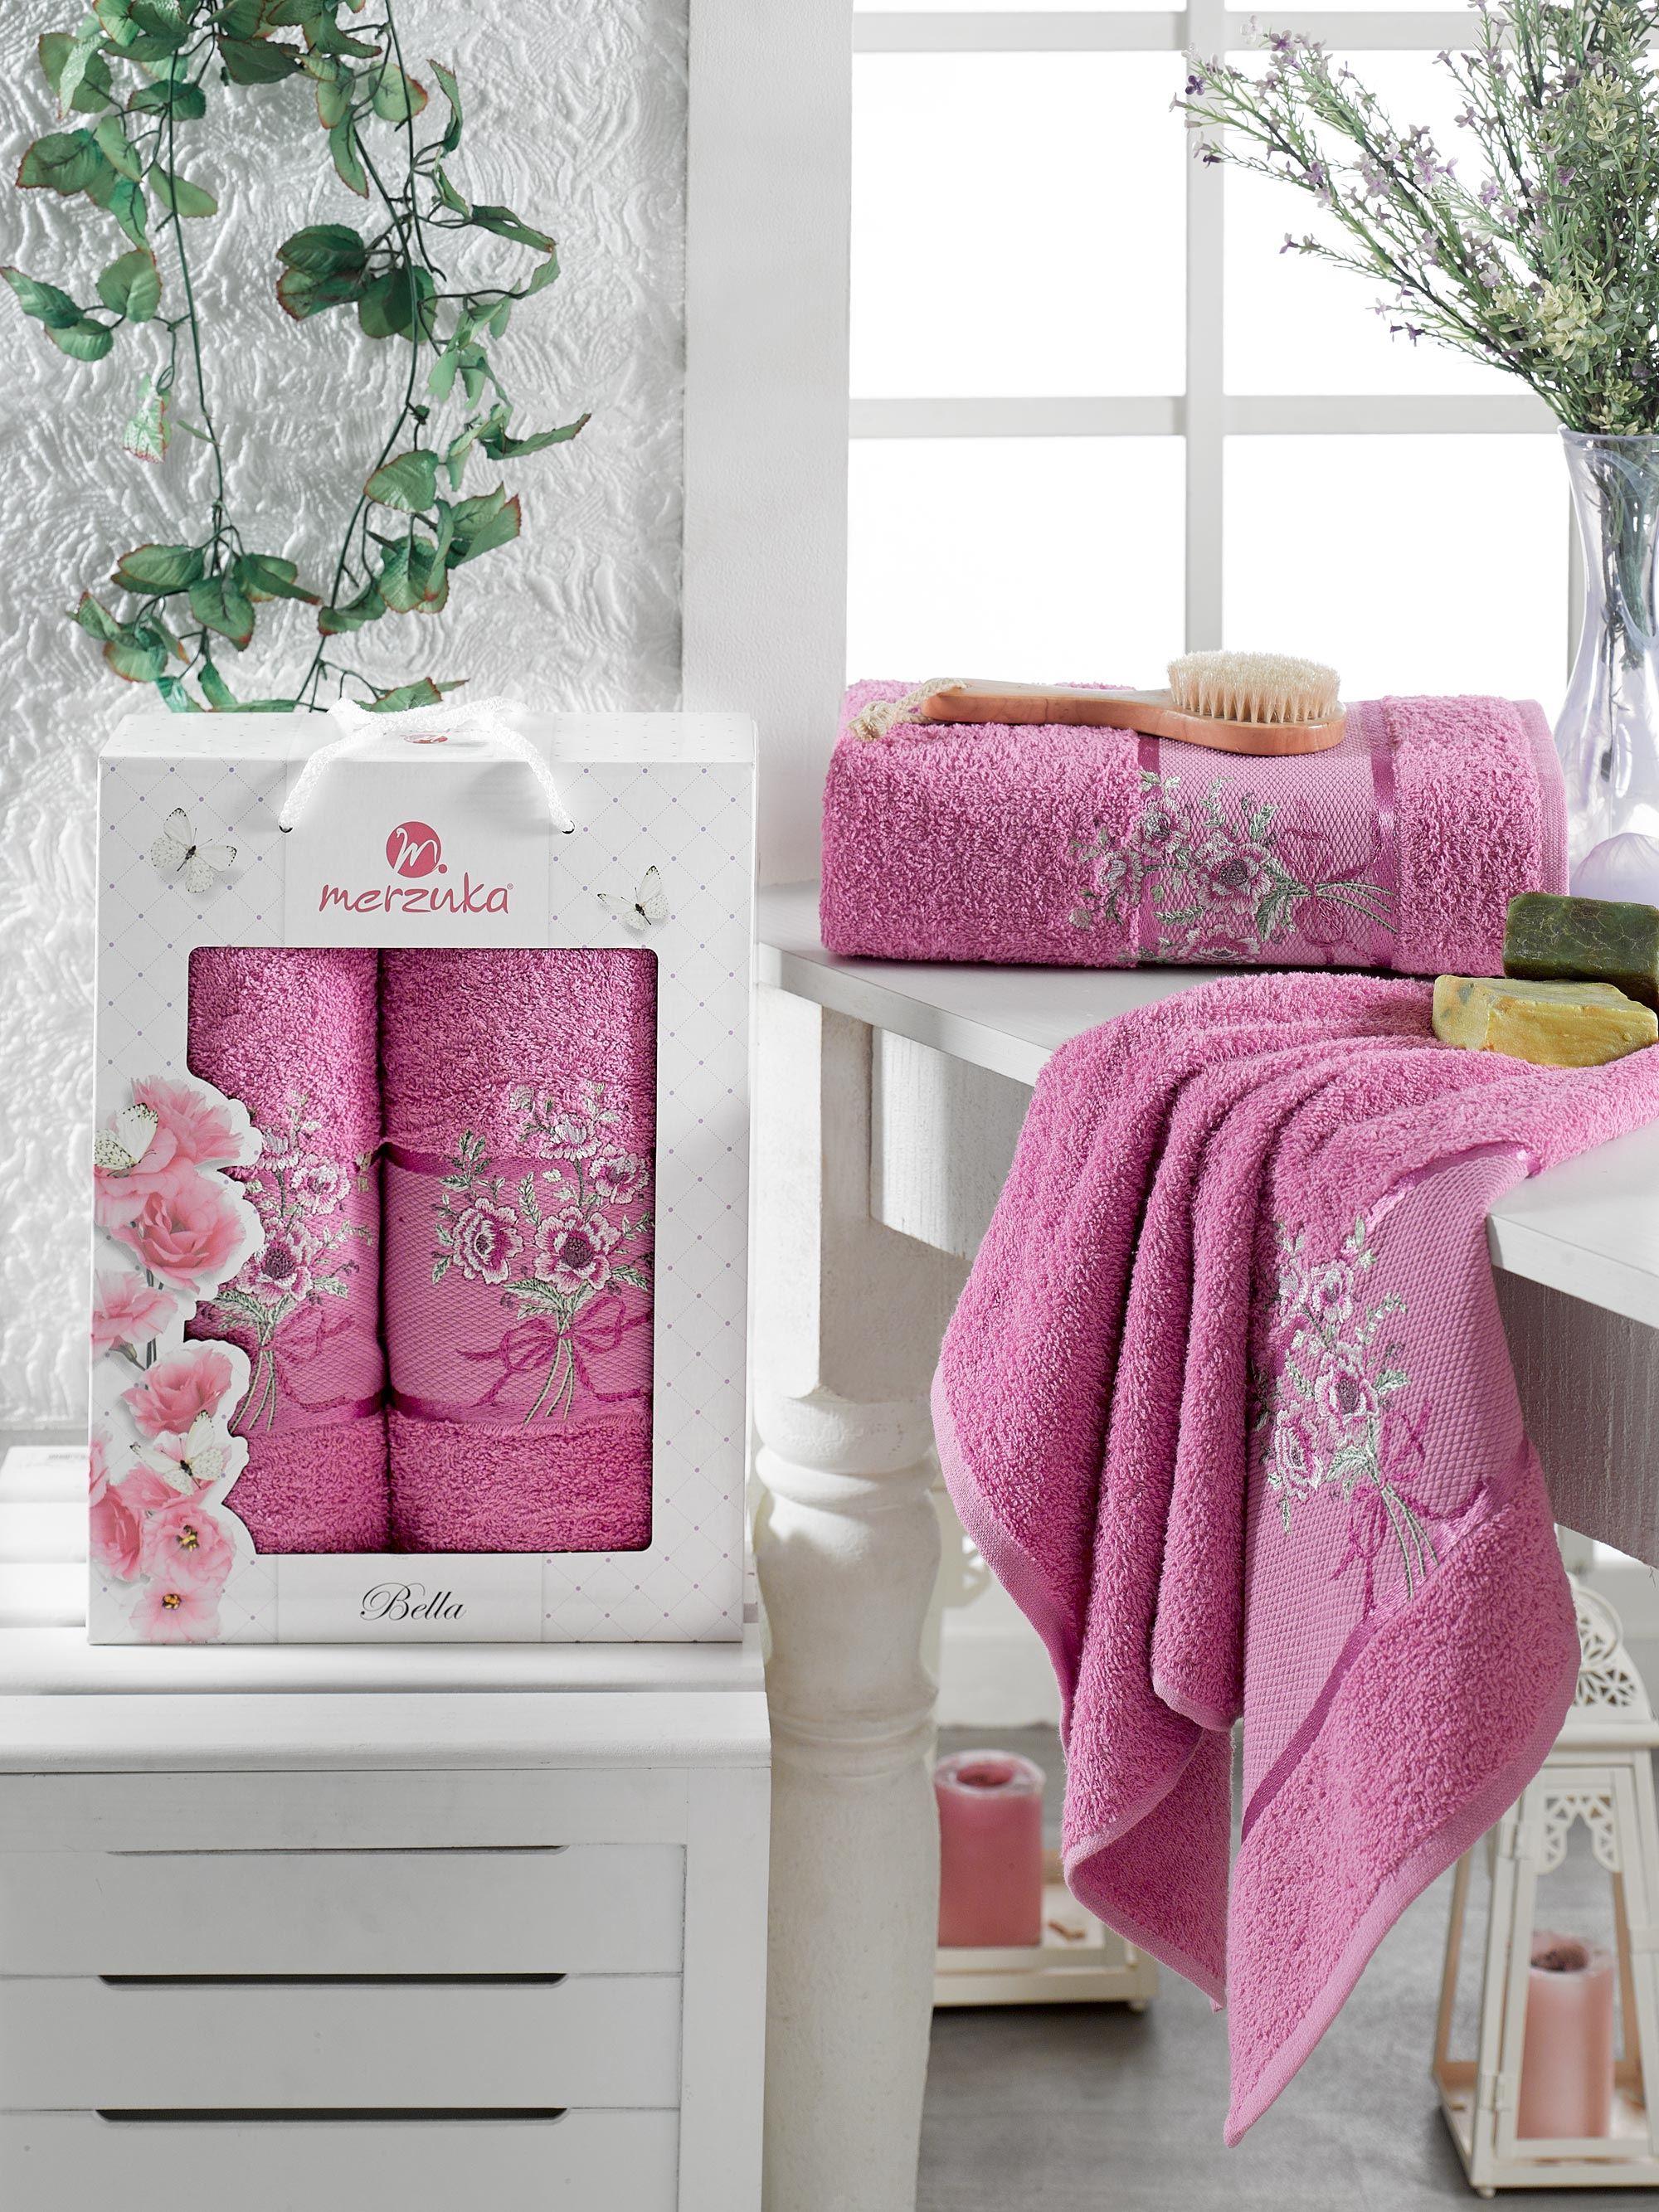 Полотенца Oran Merzuka Полотенце Bella Цвет: Светло-Лиловый (50х80 см,70х130 см) полотенца oran merzuka полотенце sakura цвет светло лиловый набор